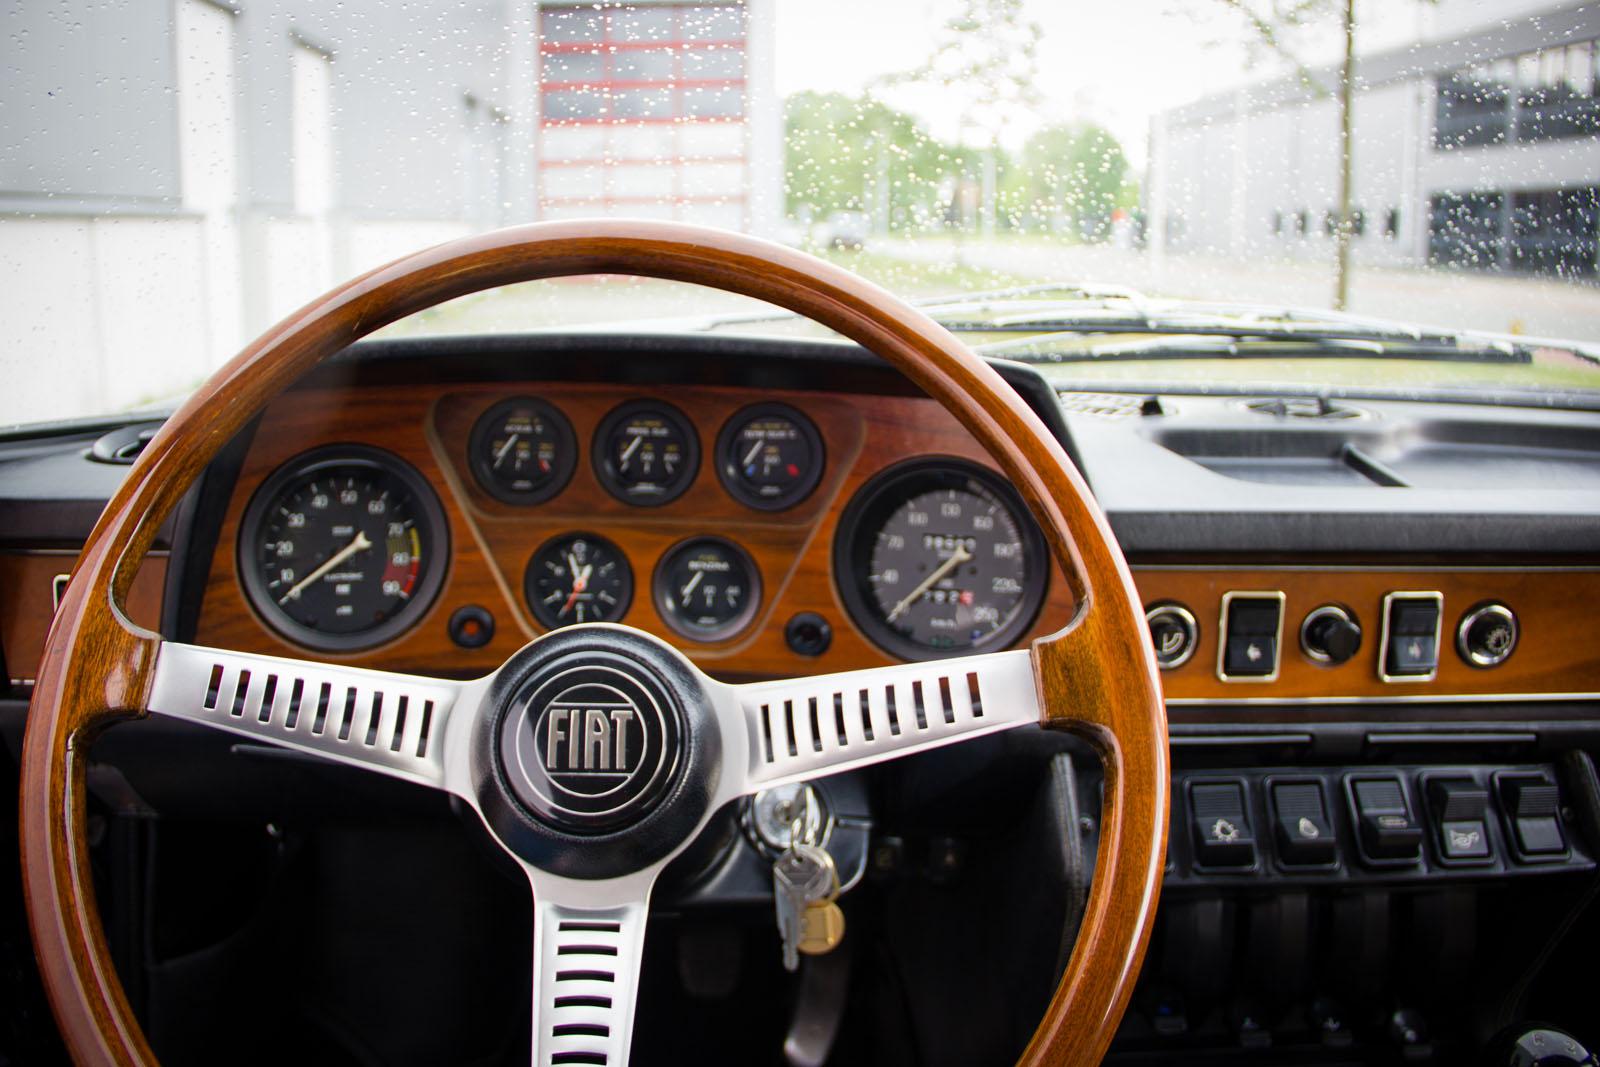 Fiat-Dino-oldtimerland-48.jpg